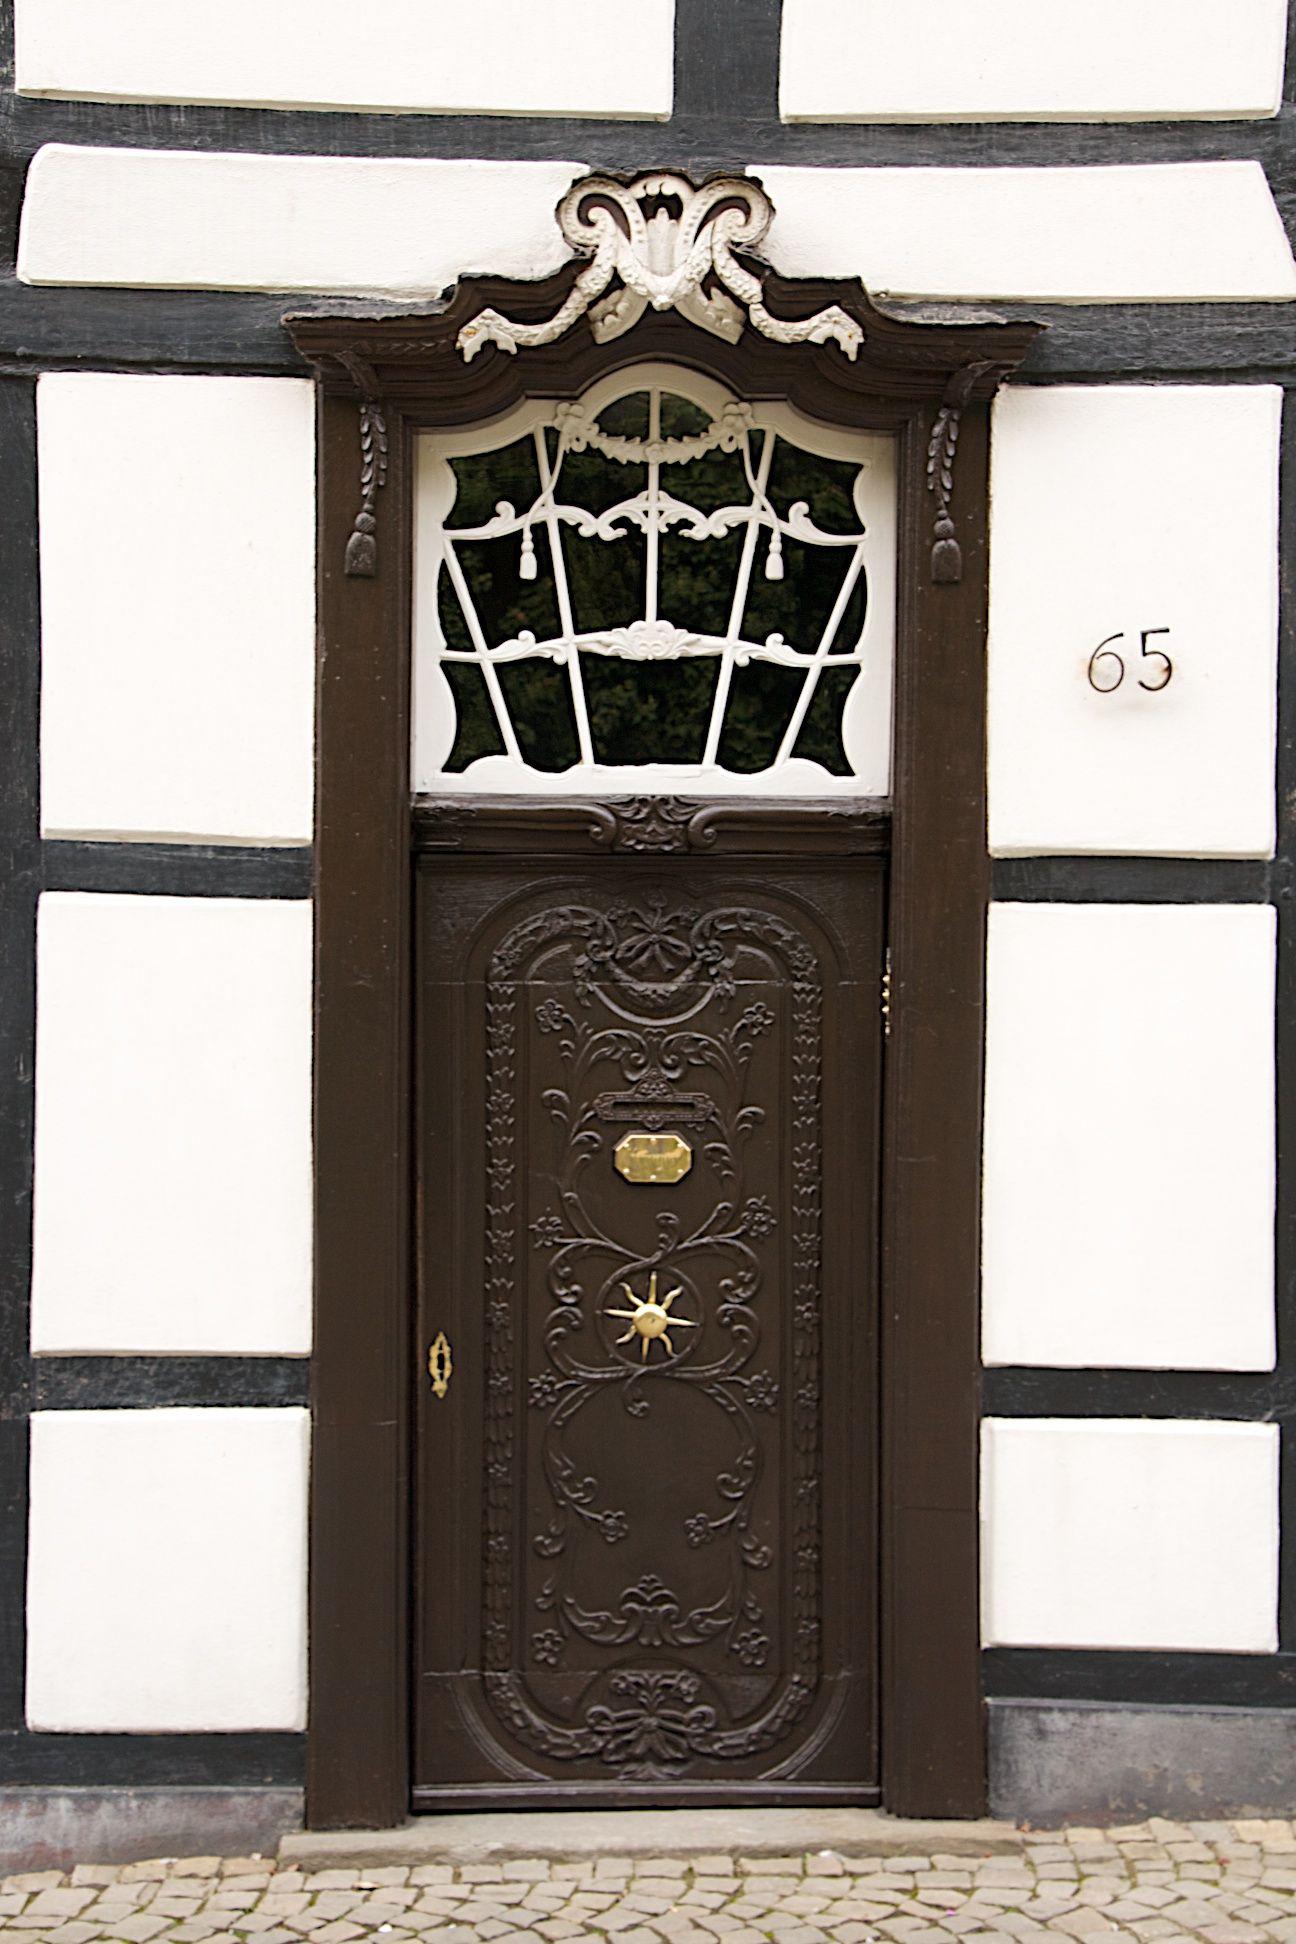 Fenster Und Türen Essen türdetail im rokoko stil des doktorhauses in der ruhrstraße 65